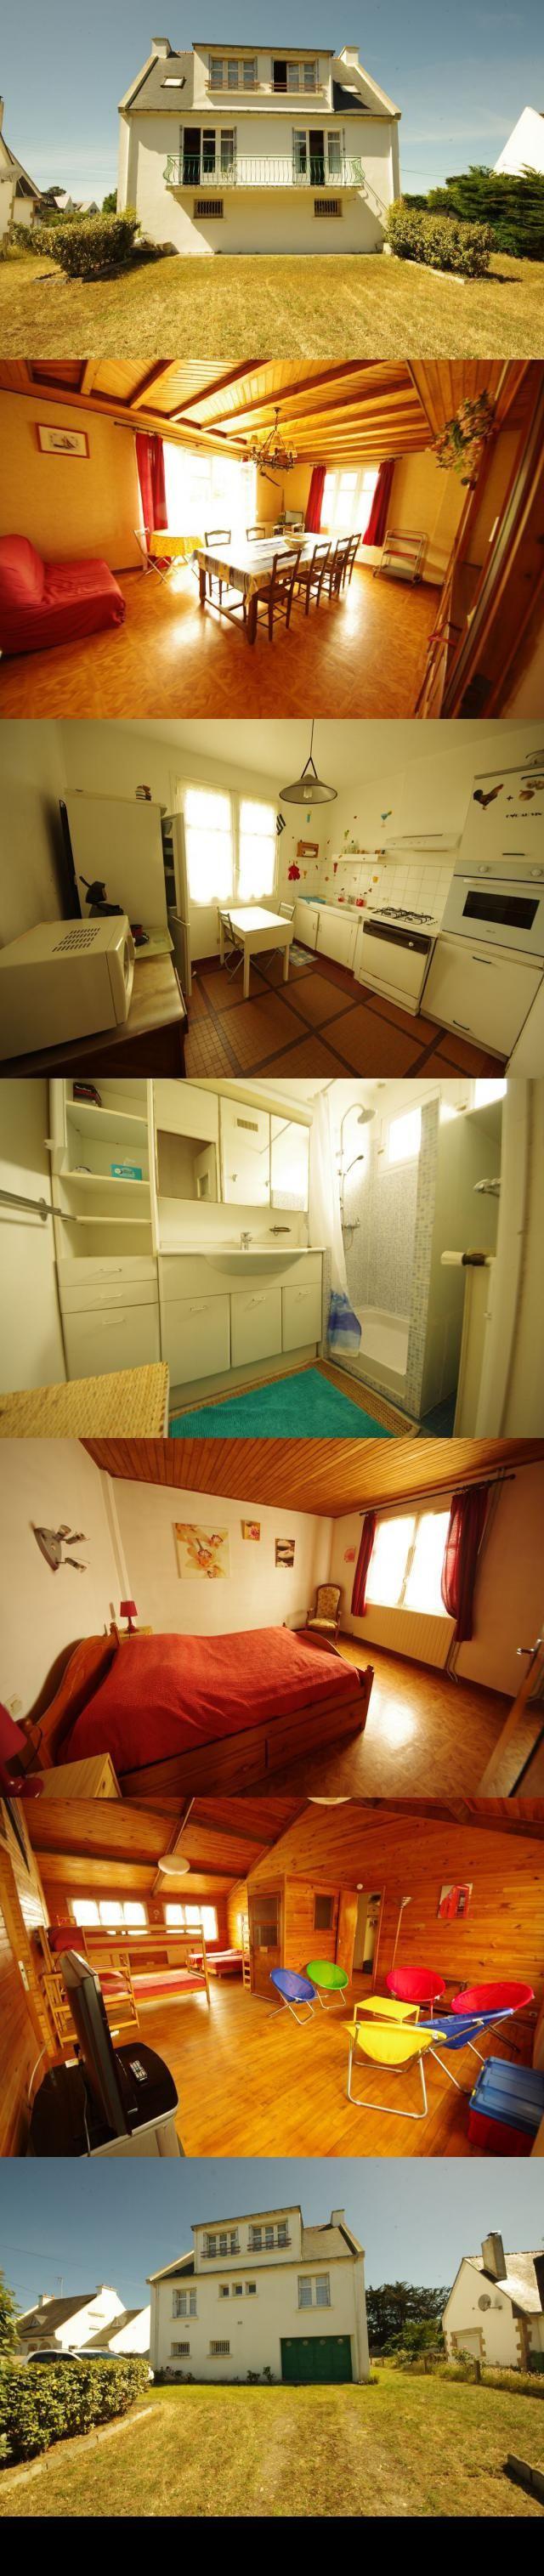 maison 5 pieces 124 m2 SAINT PIERRE QUIBERON Cote sauvage  Portivy. Sur un terrain de 811 m2, maison bien entretenue exposee plein SUD composee comme suit : rdc : garage, chaufferie, atelier, salle d'eau + wc. A l'etage : entree, salon/sejour aspectant sur balcon plein sud, deux chambres, salle d'eau, wc, cuisine. A l'etage : dortoir de 40 m2 environ, bureau, dressing, wc avec point d'eau. dont 5.50 % honoraires TTC a la charge de l'acquereur.